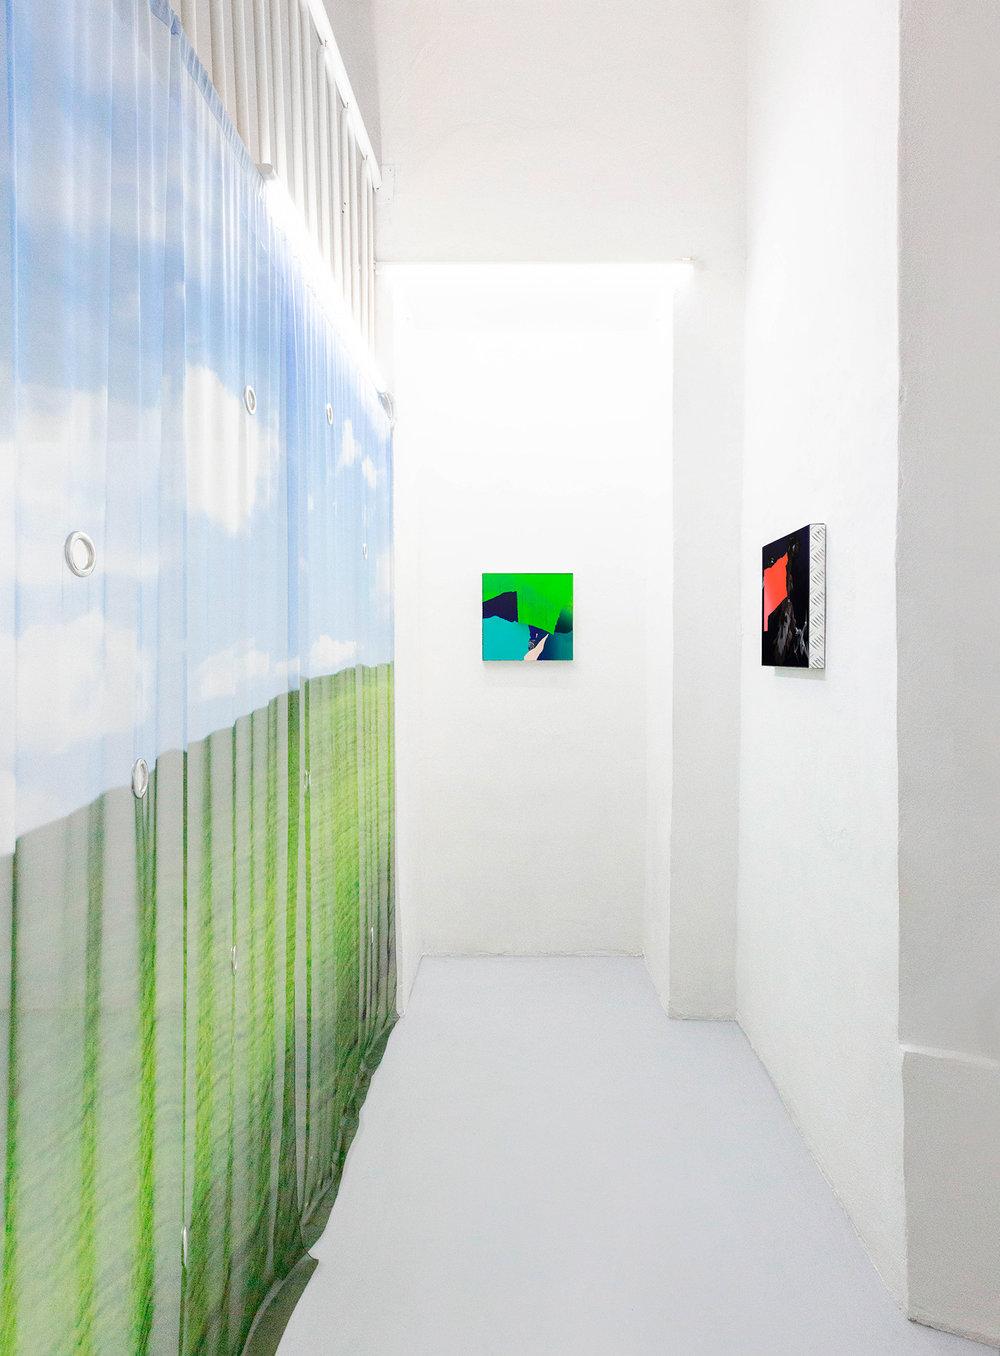 7 Andrea Martinucci - Glory Black Hole, exhibition view, Dimora Artica (ph Andrea Cenetiempo).jpg